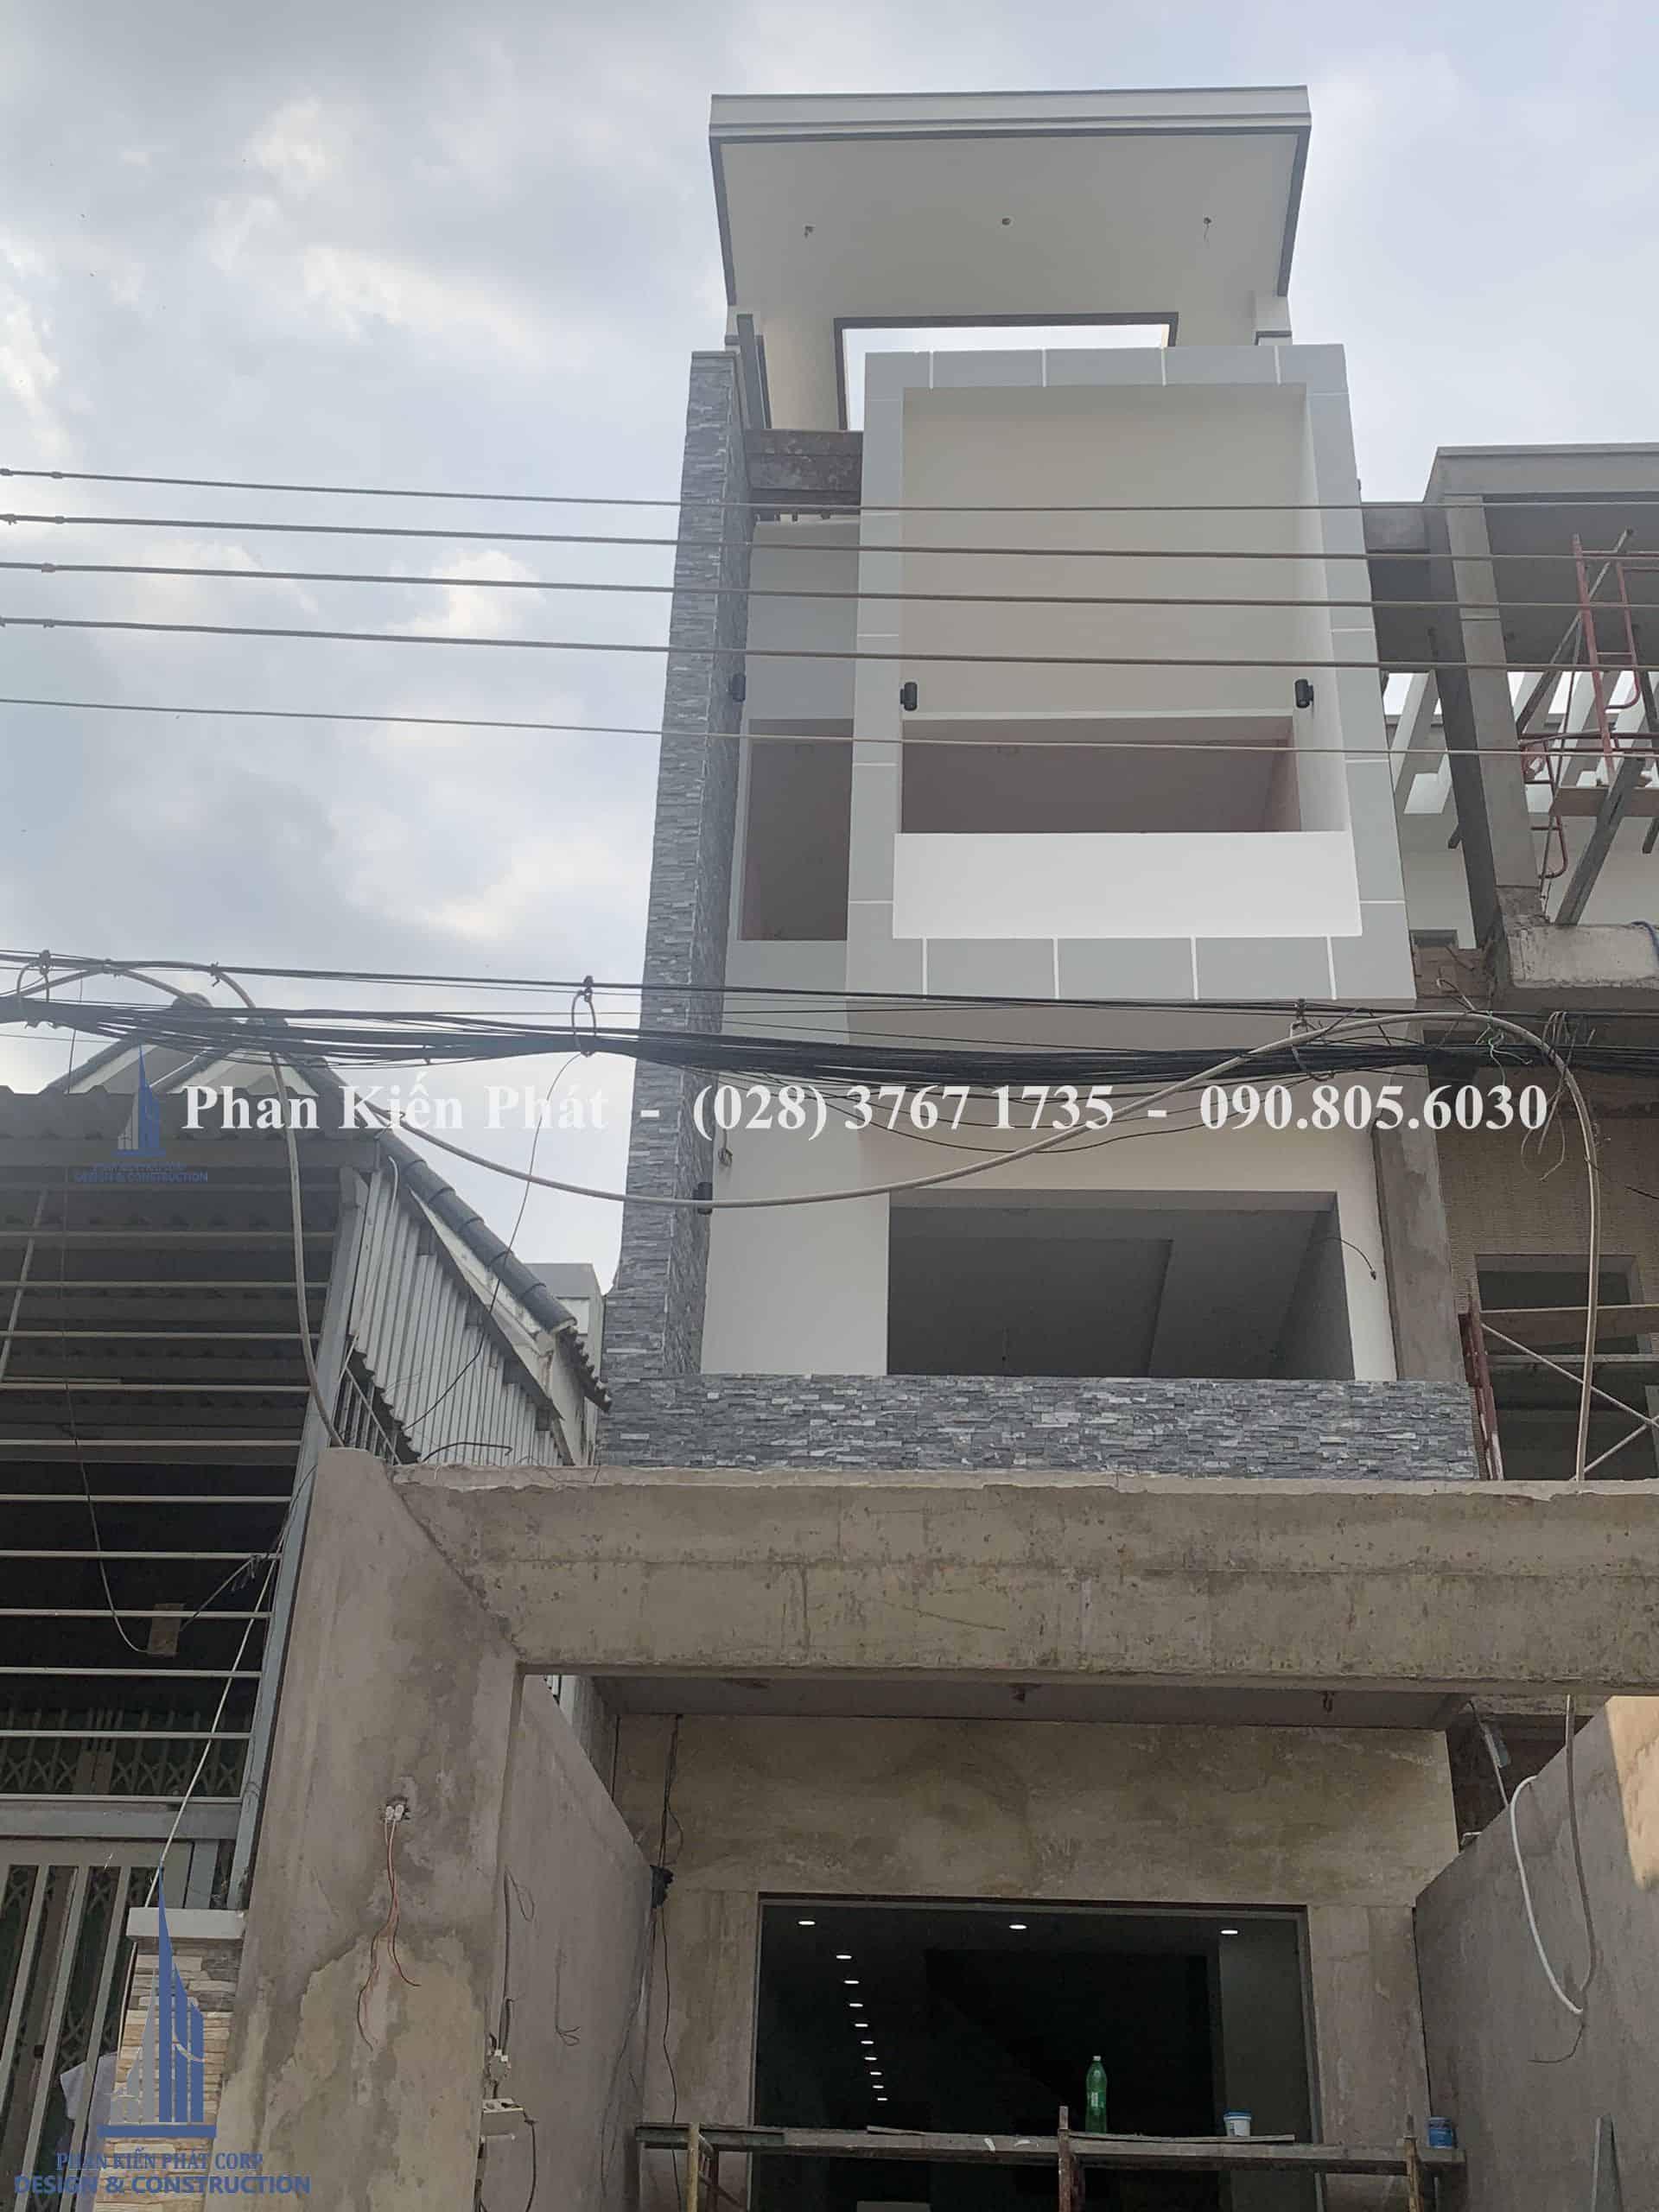 Thiết kế thi công xây dựng nhà phố 4 tầng hiện đại tại Cà Mau